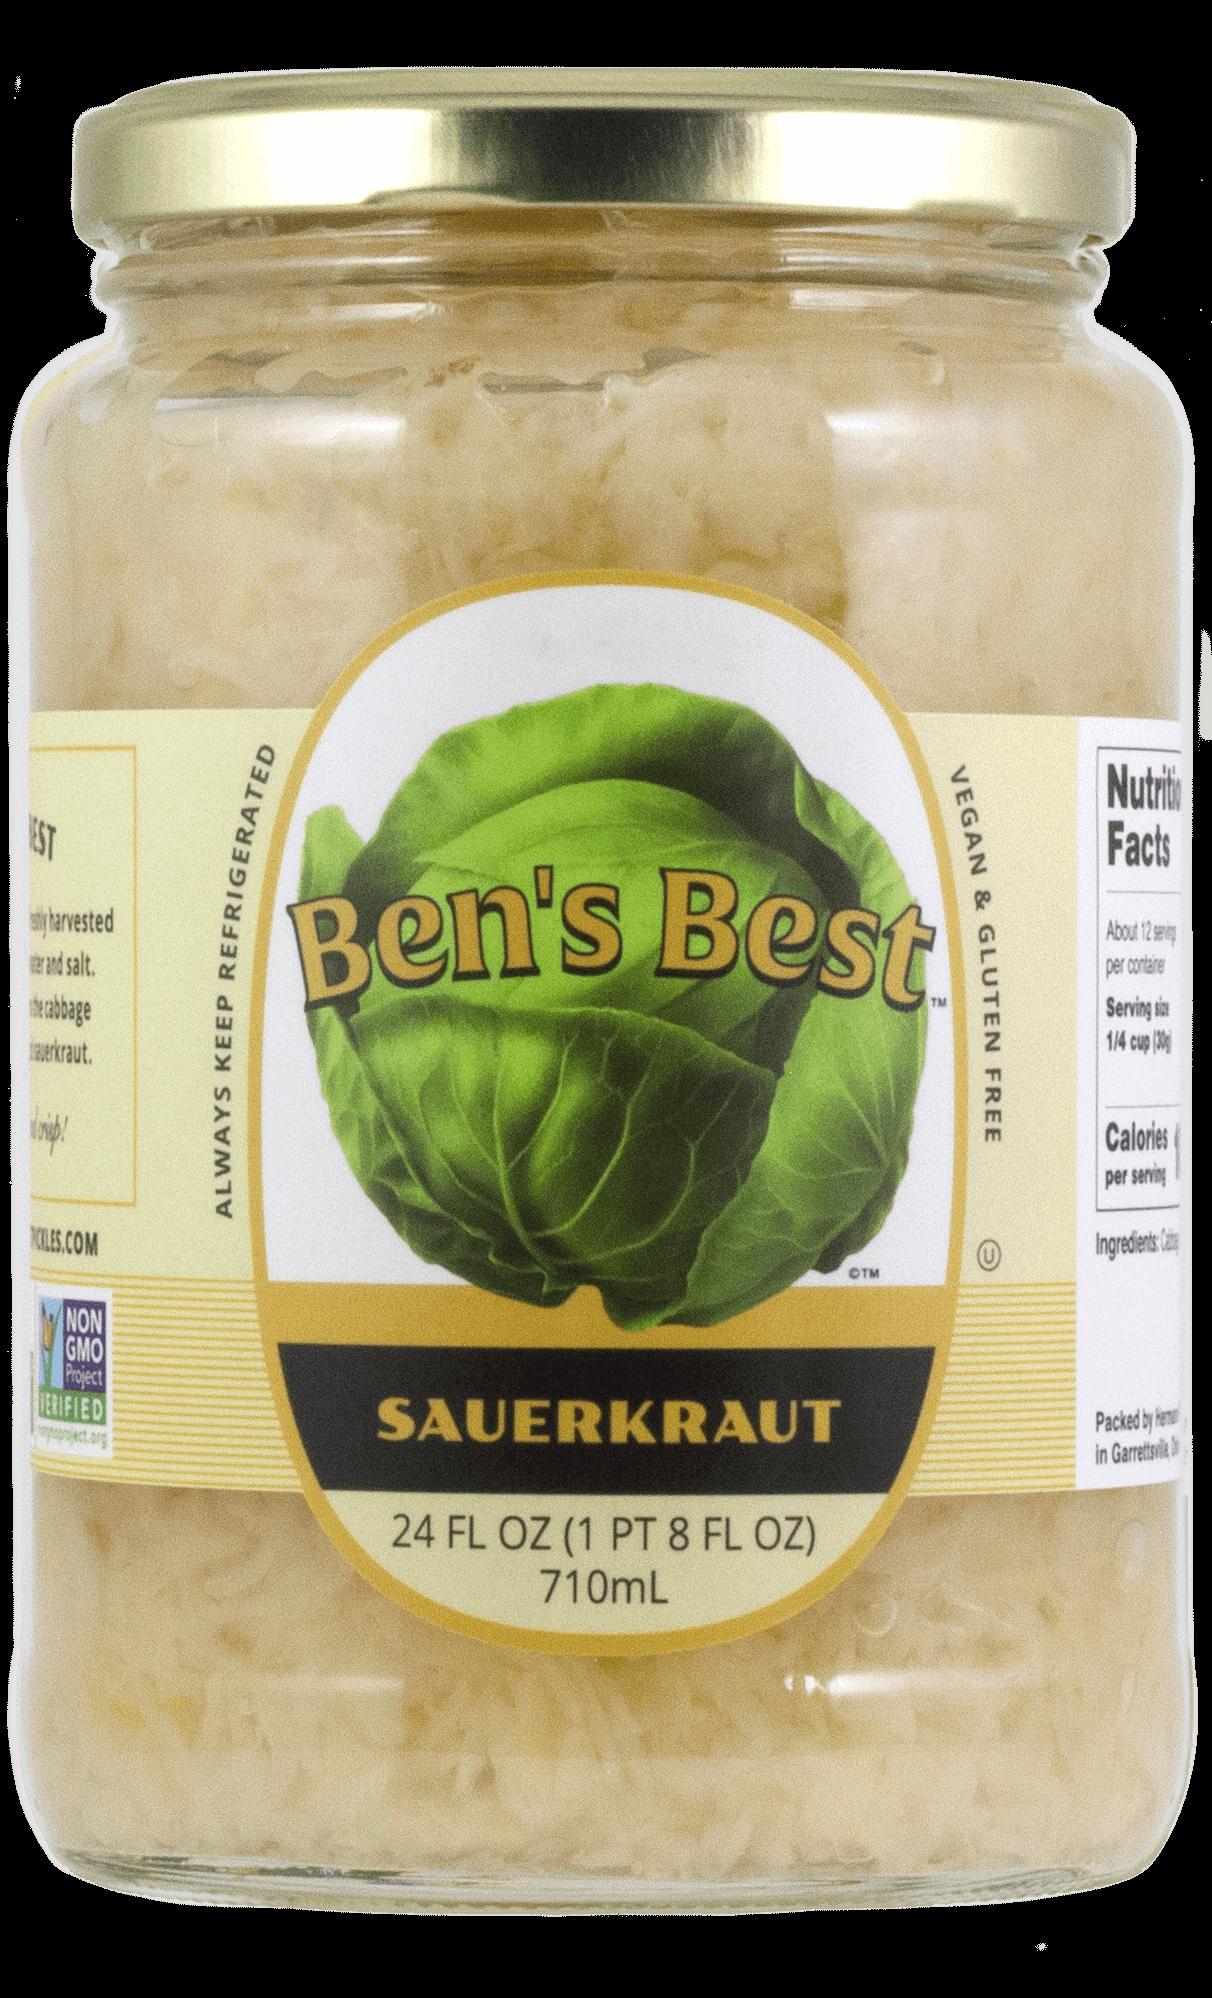 Bens-Best-Sauerkraut-opt.png